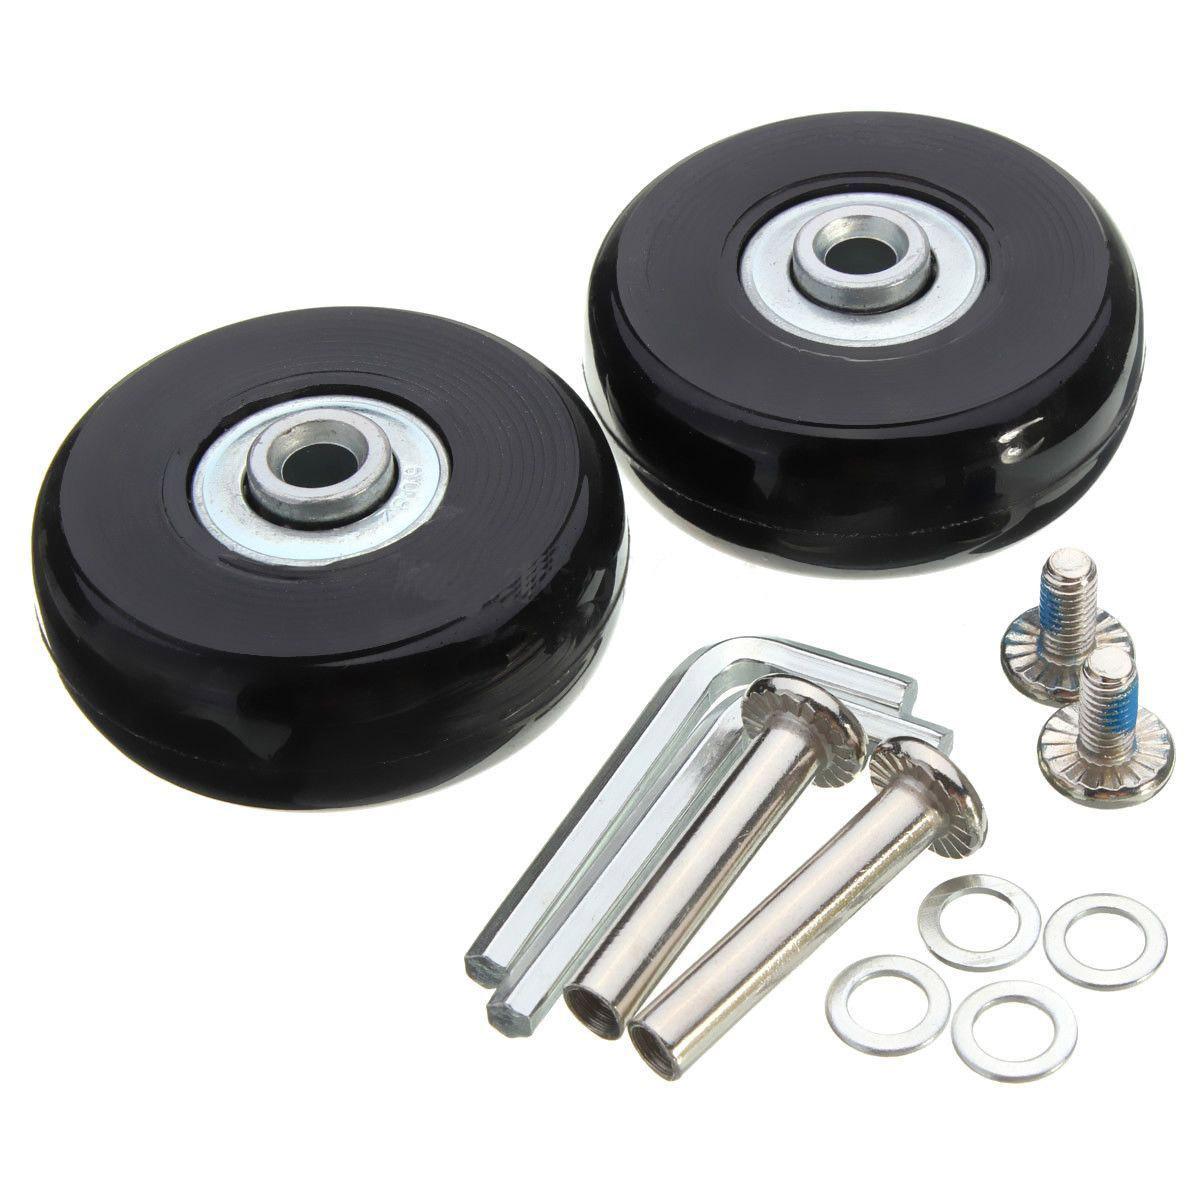 18mm Par de almacenamiento de maletas Ruedas de repuesto OD 50 32 Kit de reparaci/ón LESOLEIL Ruedas de Repuesto para Maleta 50